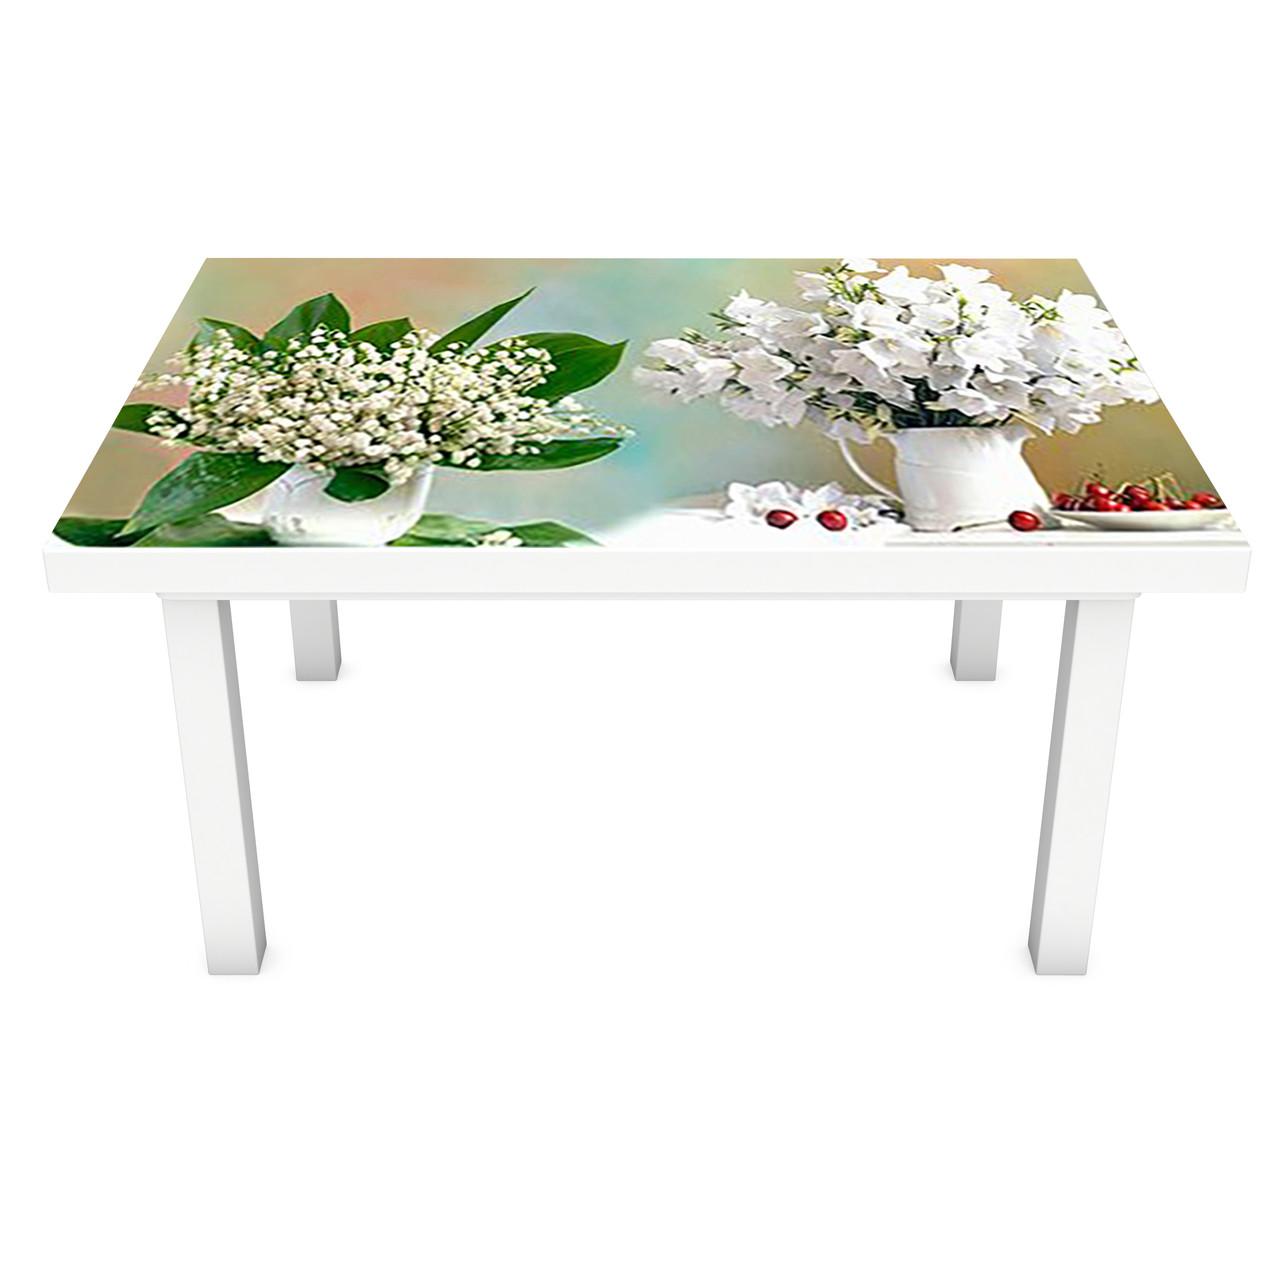 Наклейка на стол виниловая Цветы и Ягоды 02 на мебель интерьерная ПВХ ромашки тюльпаны ландыши 600*1200 мм